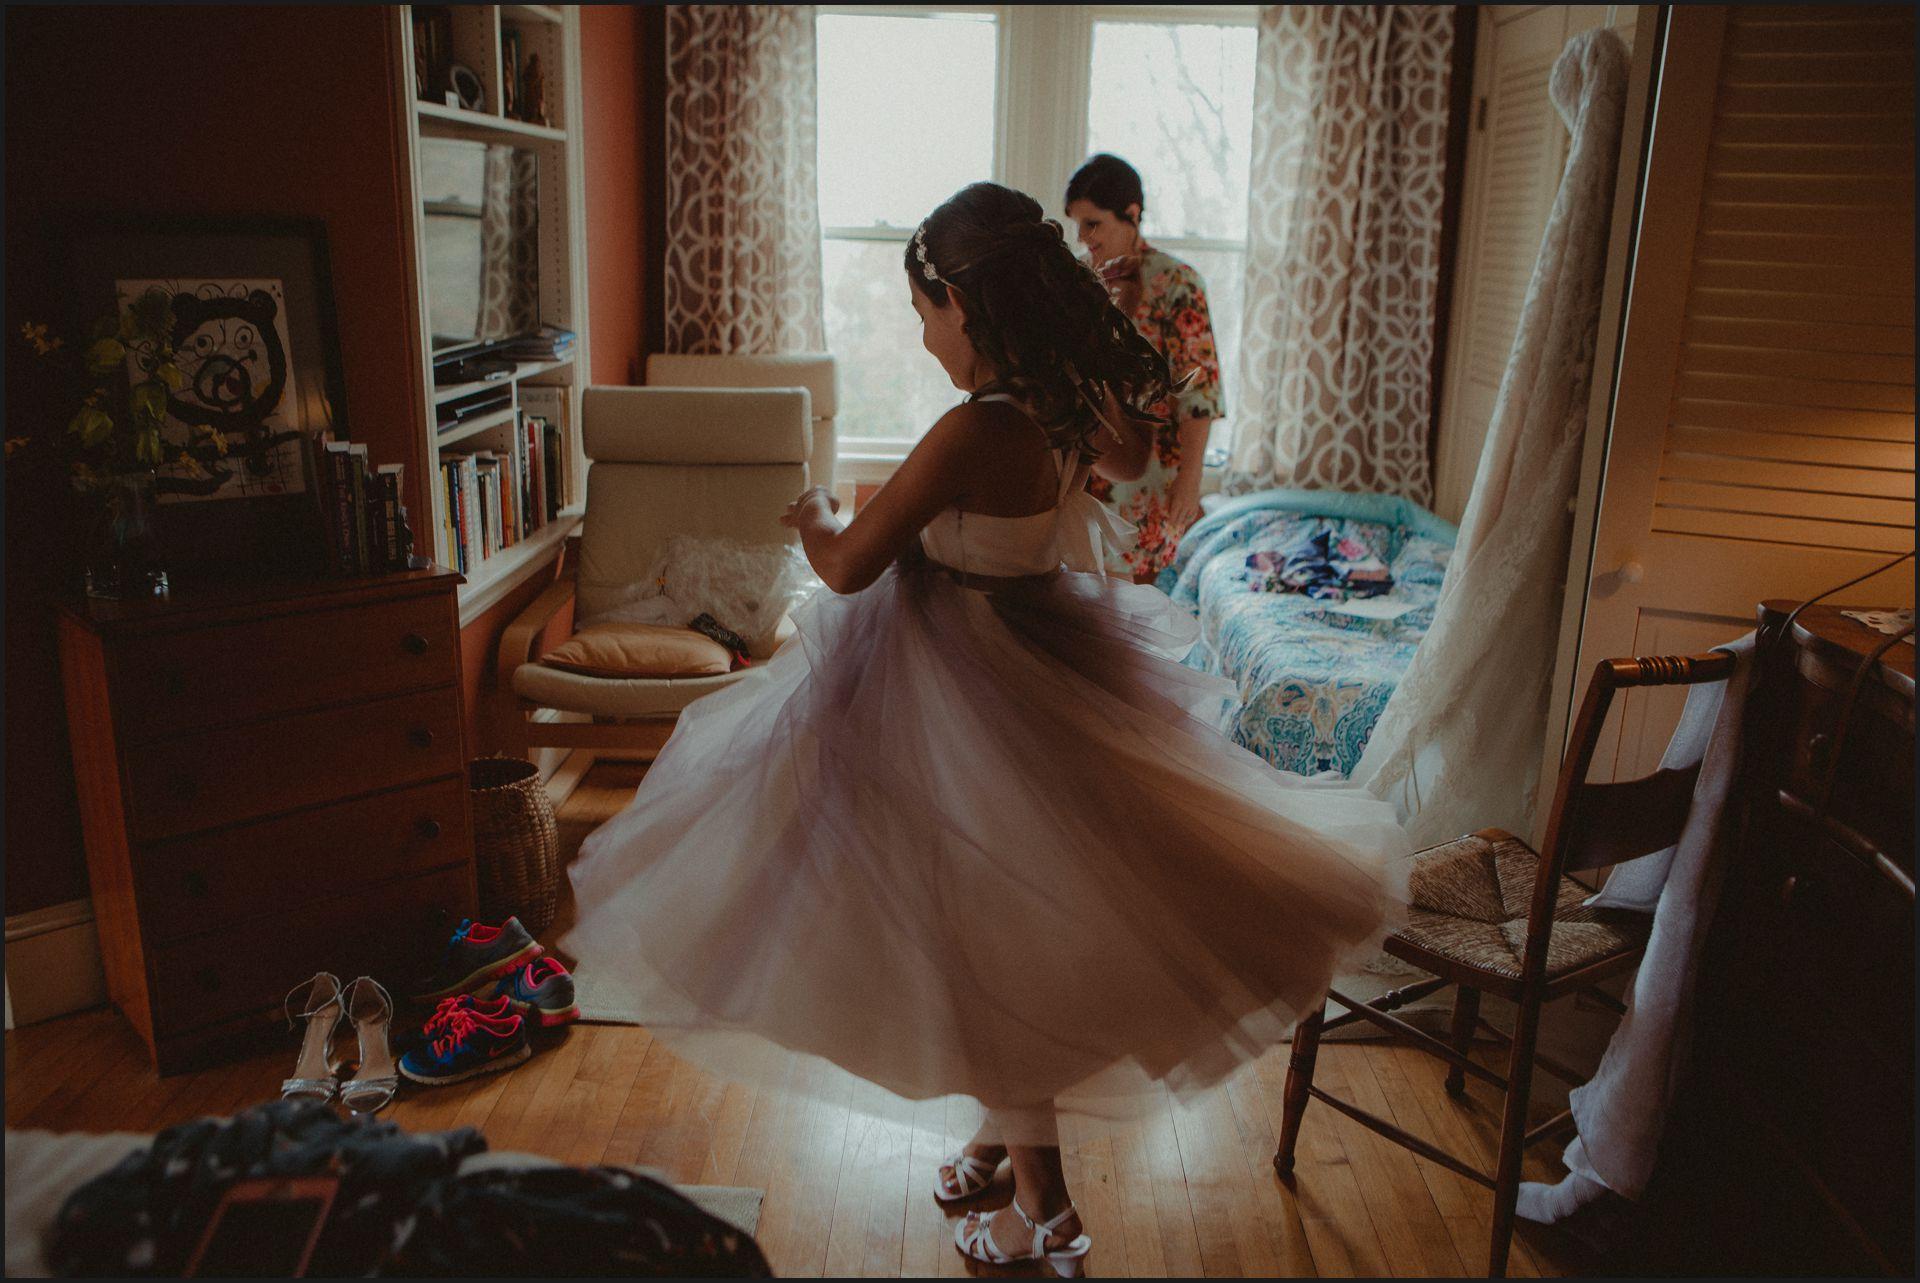 child, wedding dress, getting ready, wedding preparation